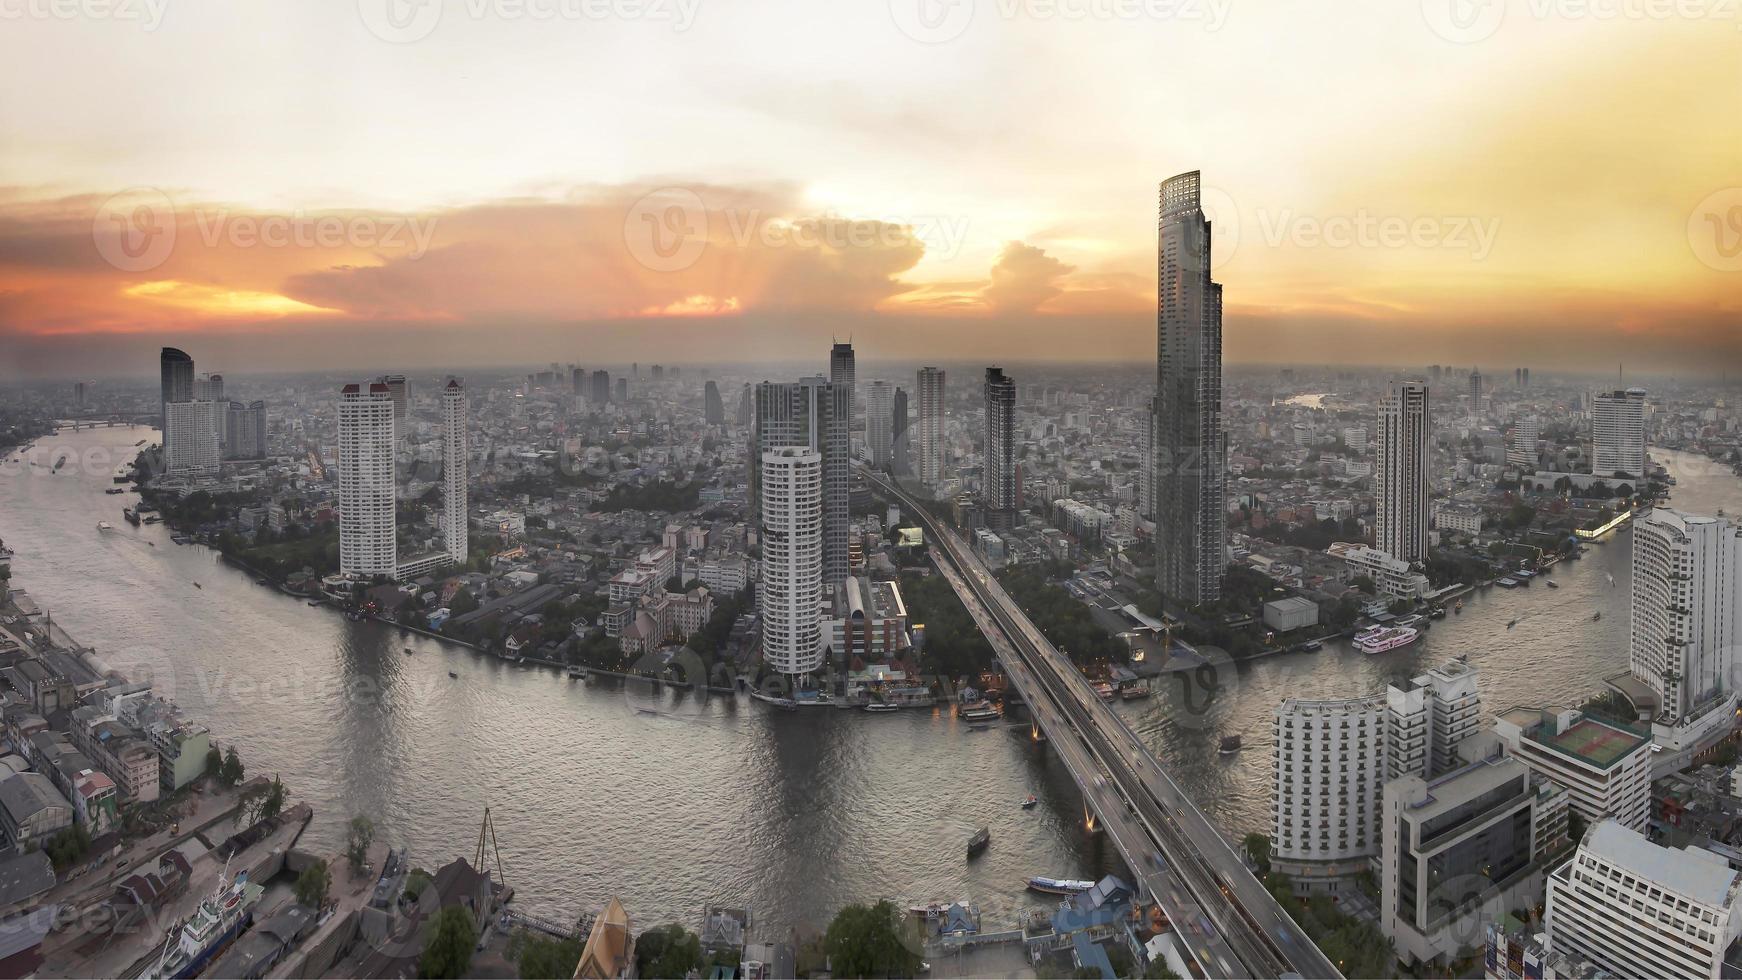 Flygfoto över bangkok kväll på skyskraporna i stadens centrum. foto